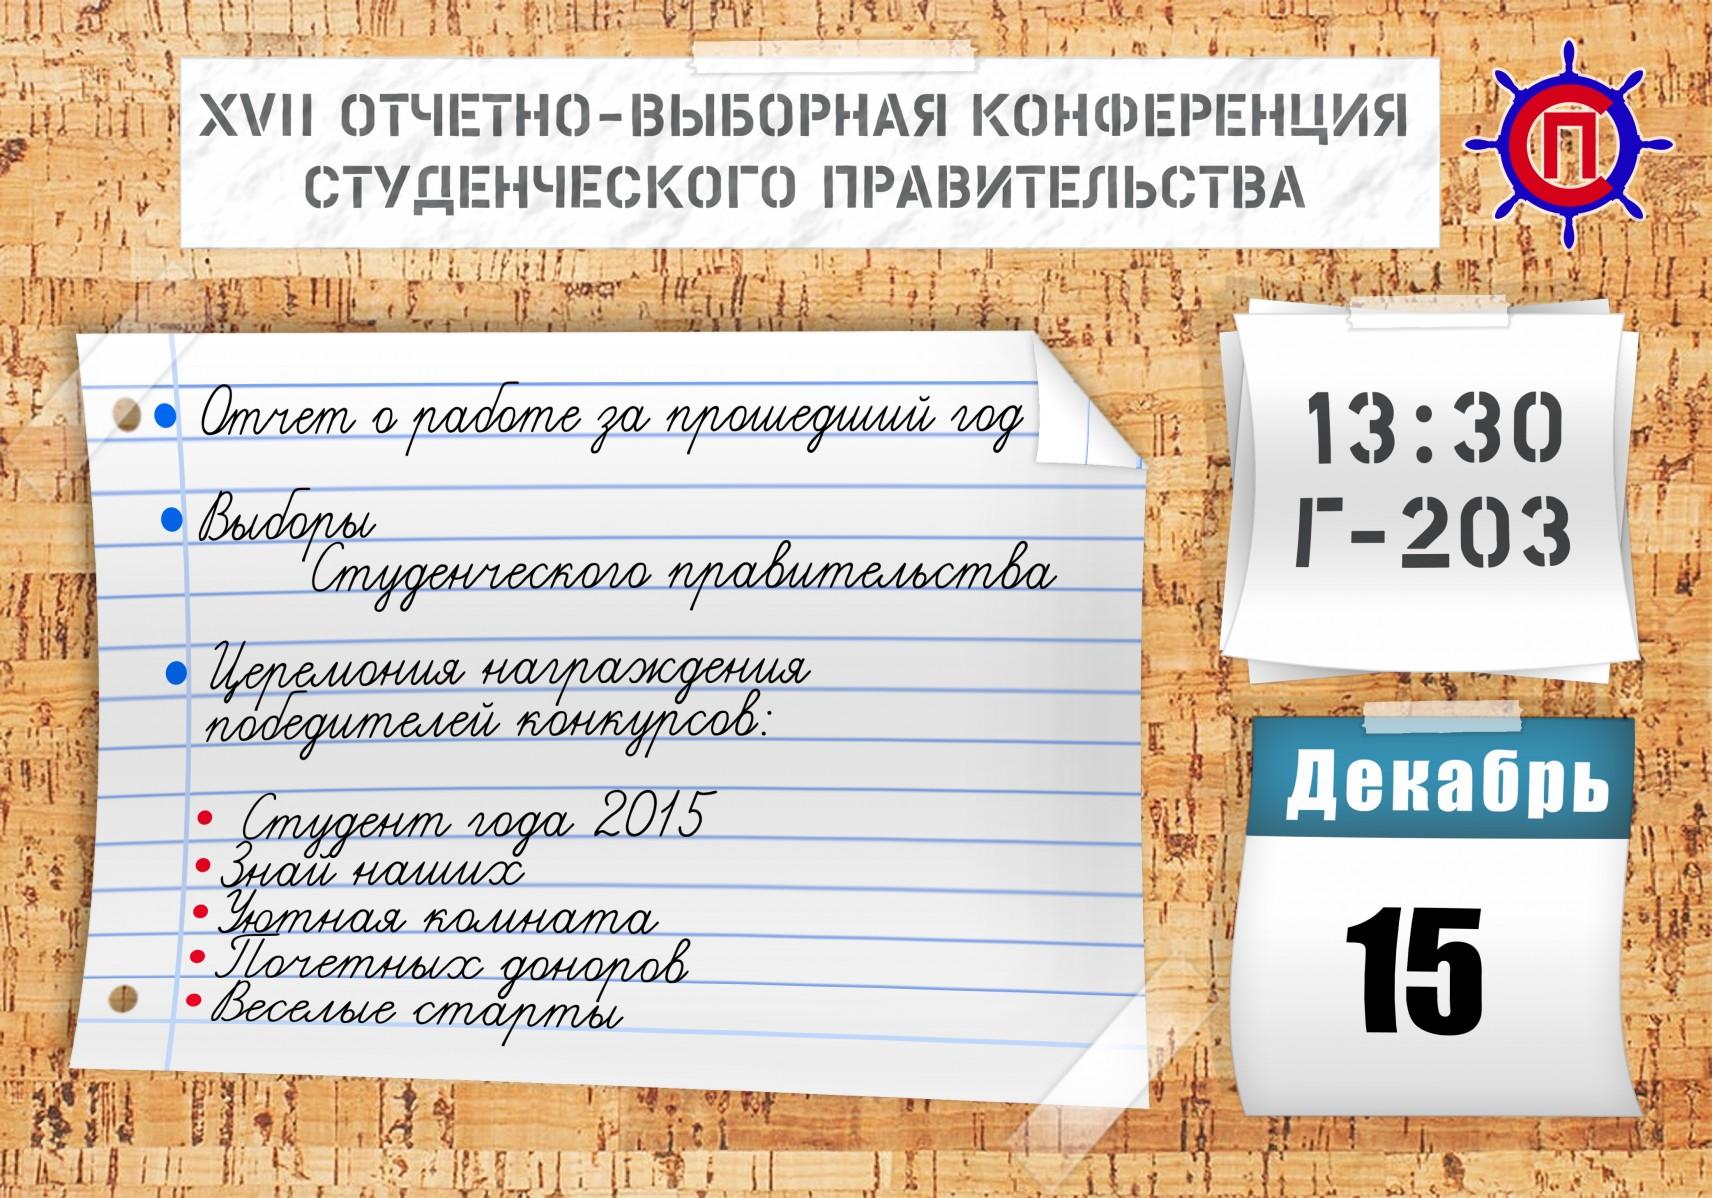 OVK2015